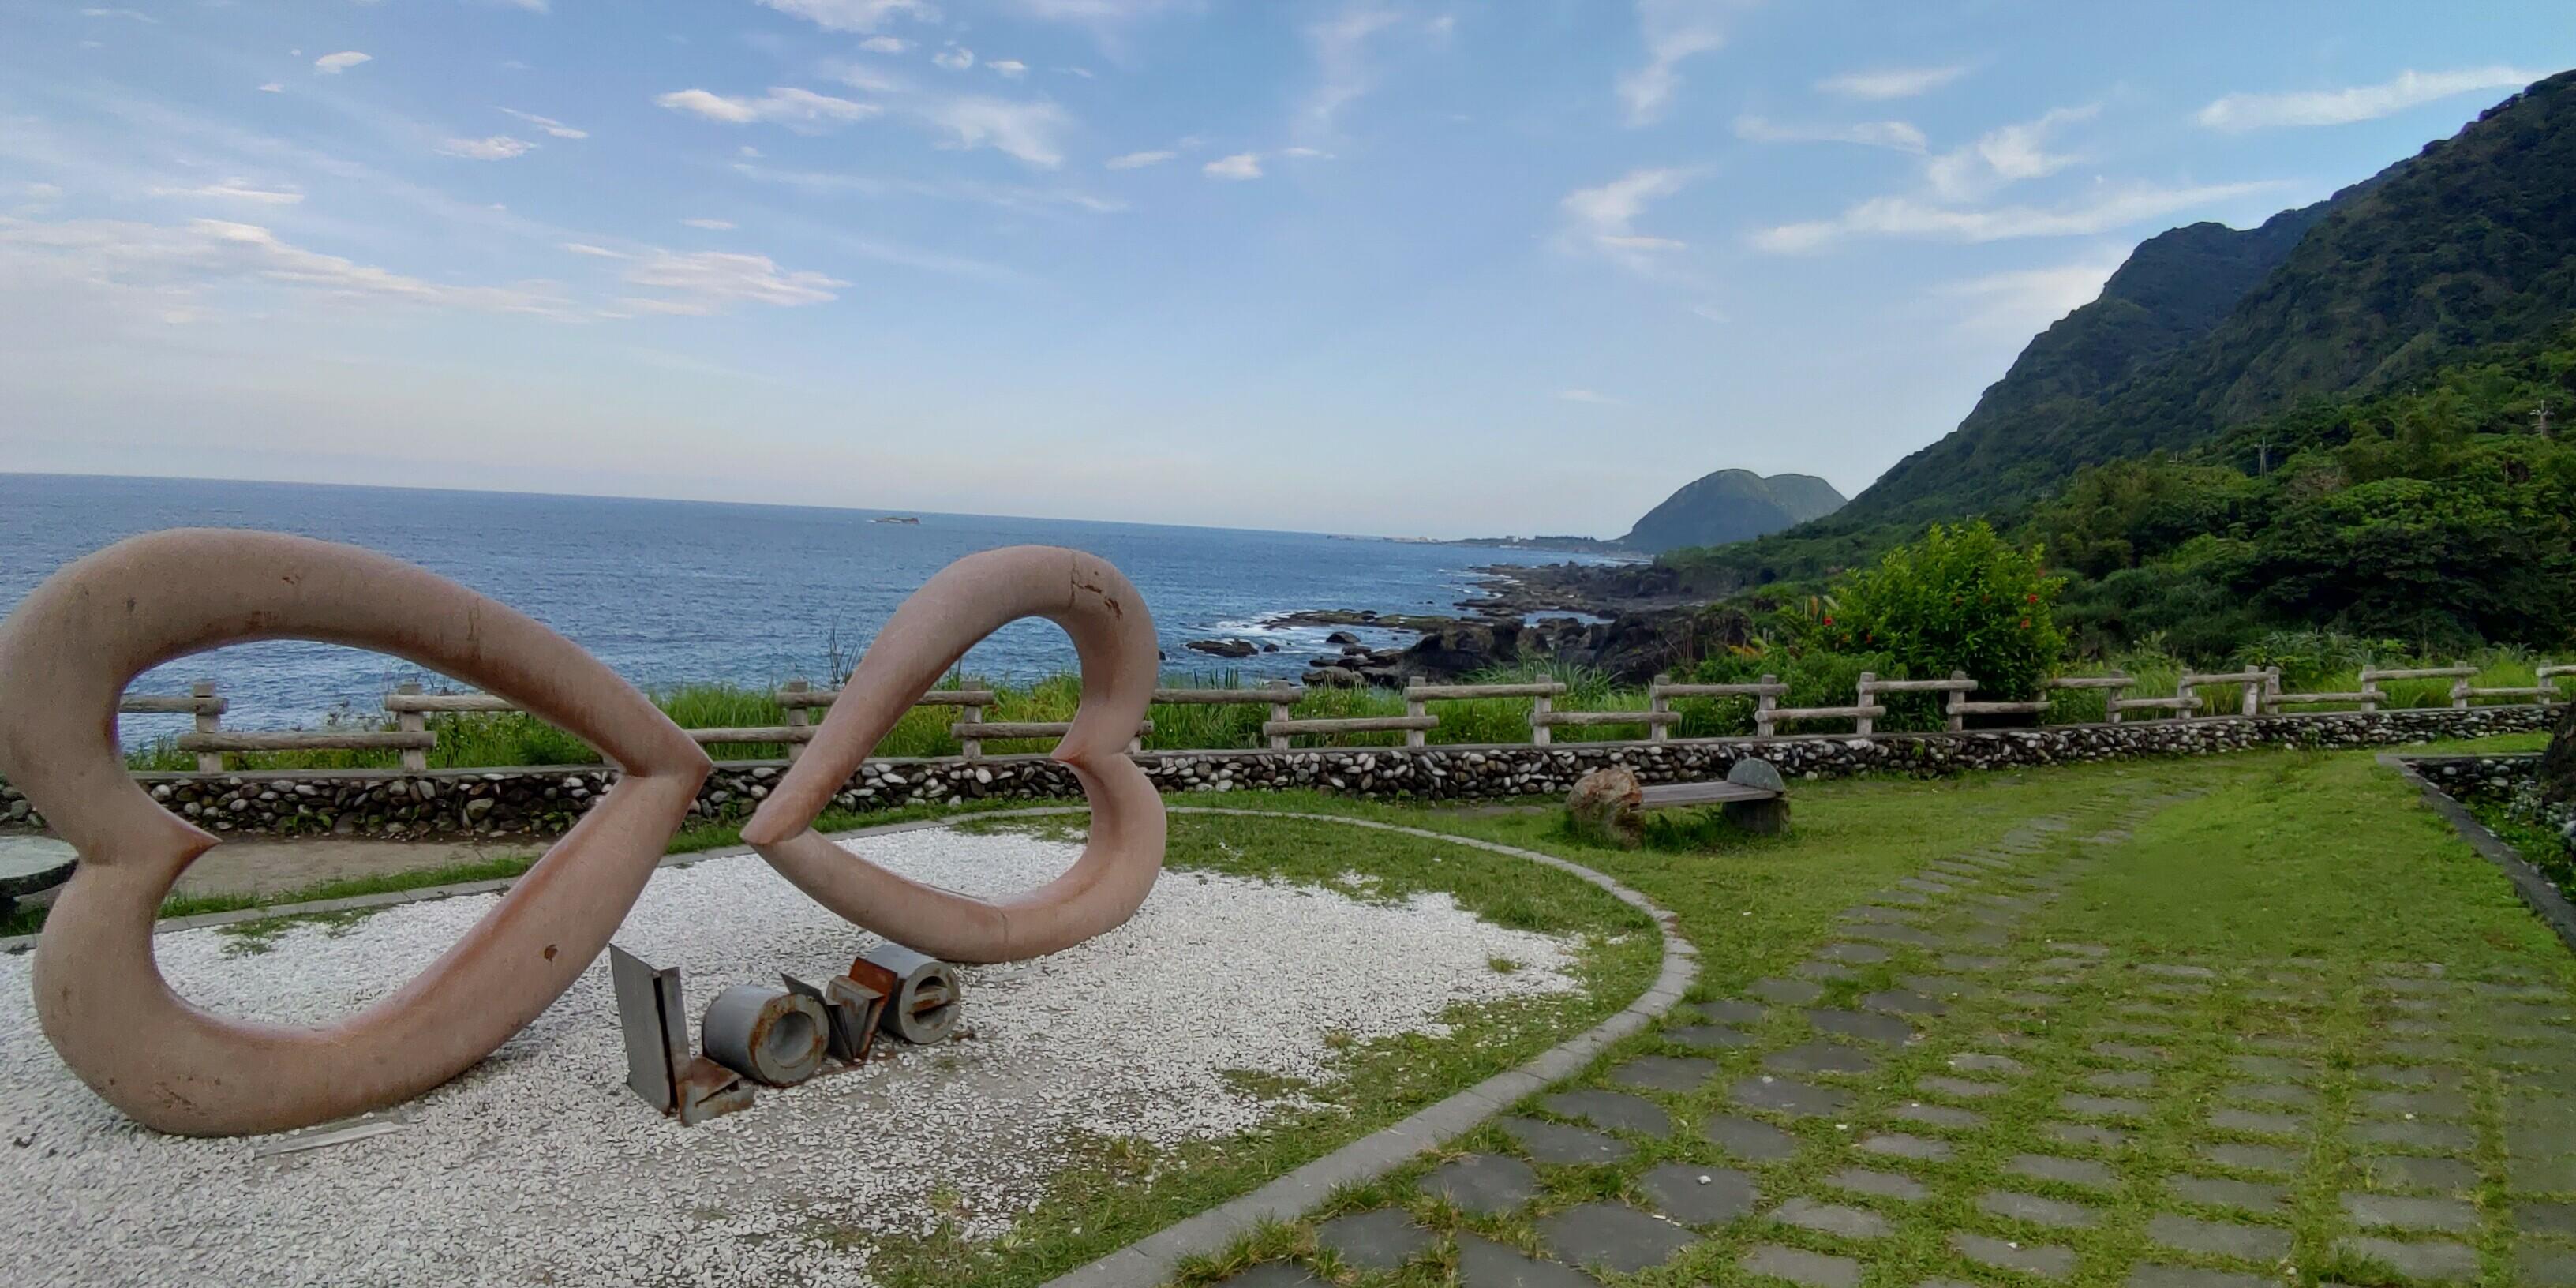 【花蓮豐濱】石門班哨角休憩區–美麗海景配上心心相印的雙心